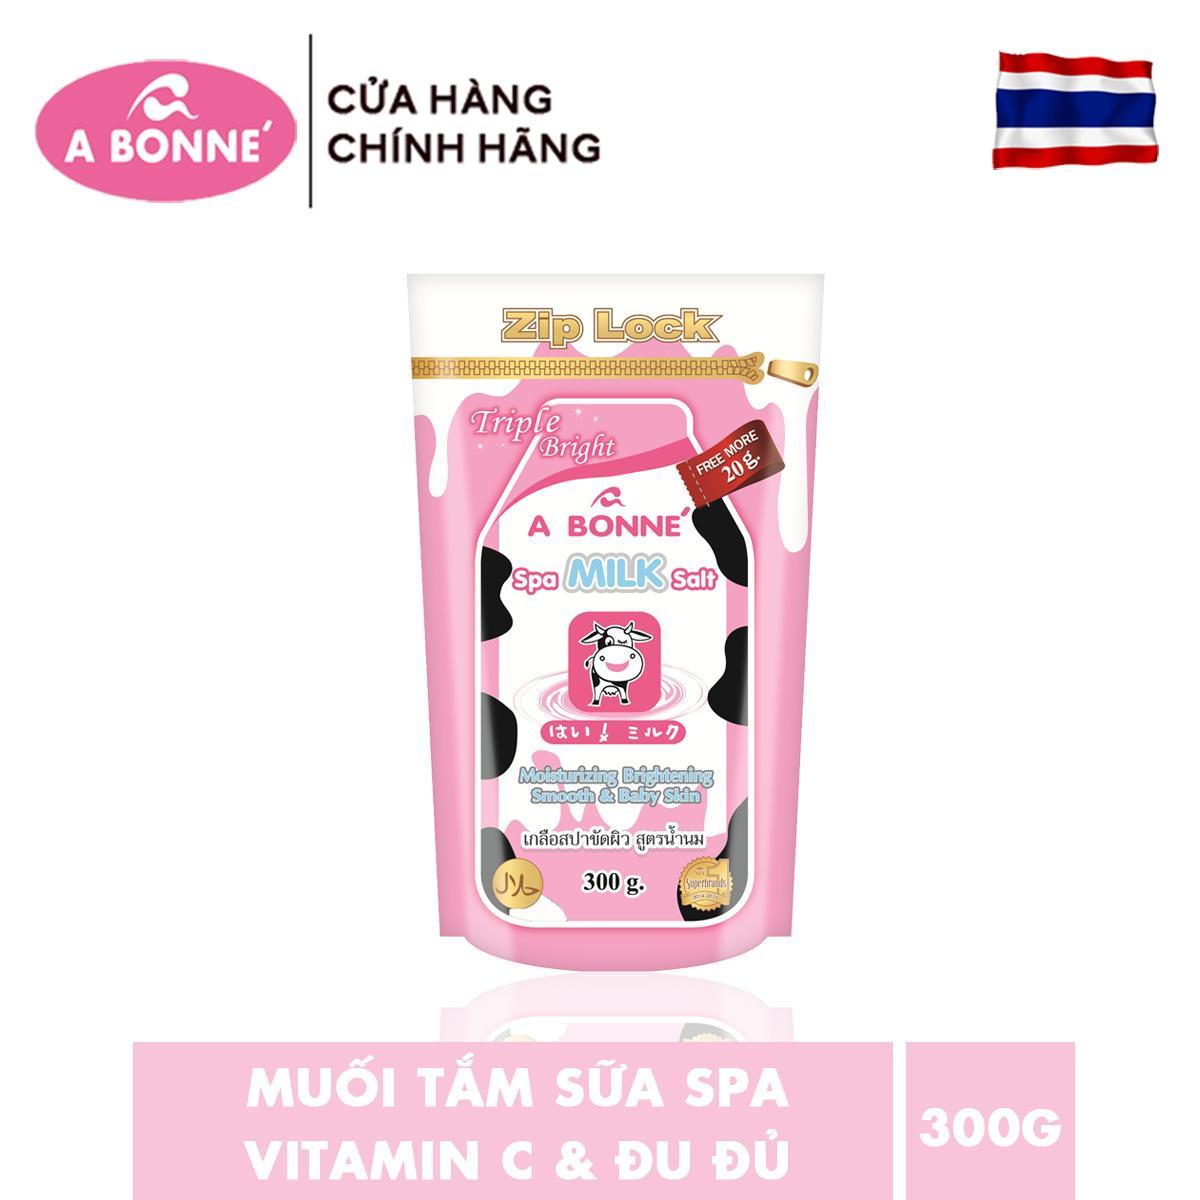 Muối tắm sữa Spa A Bonne  300g